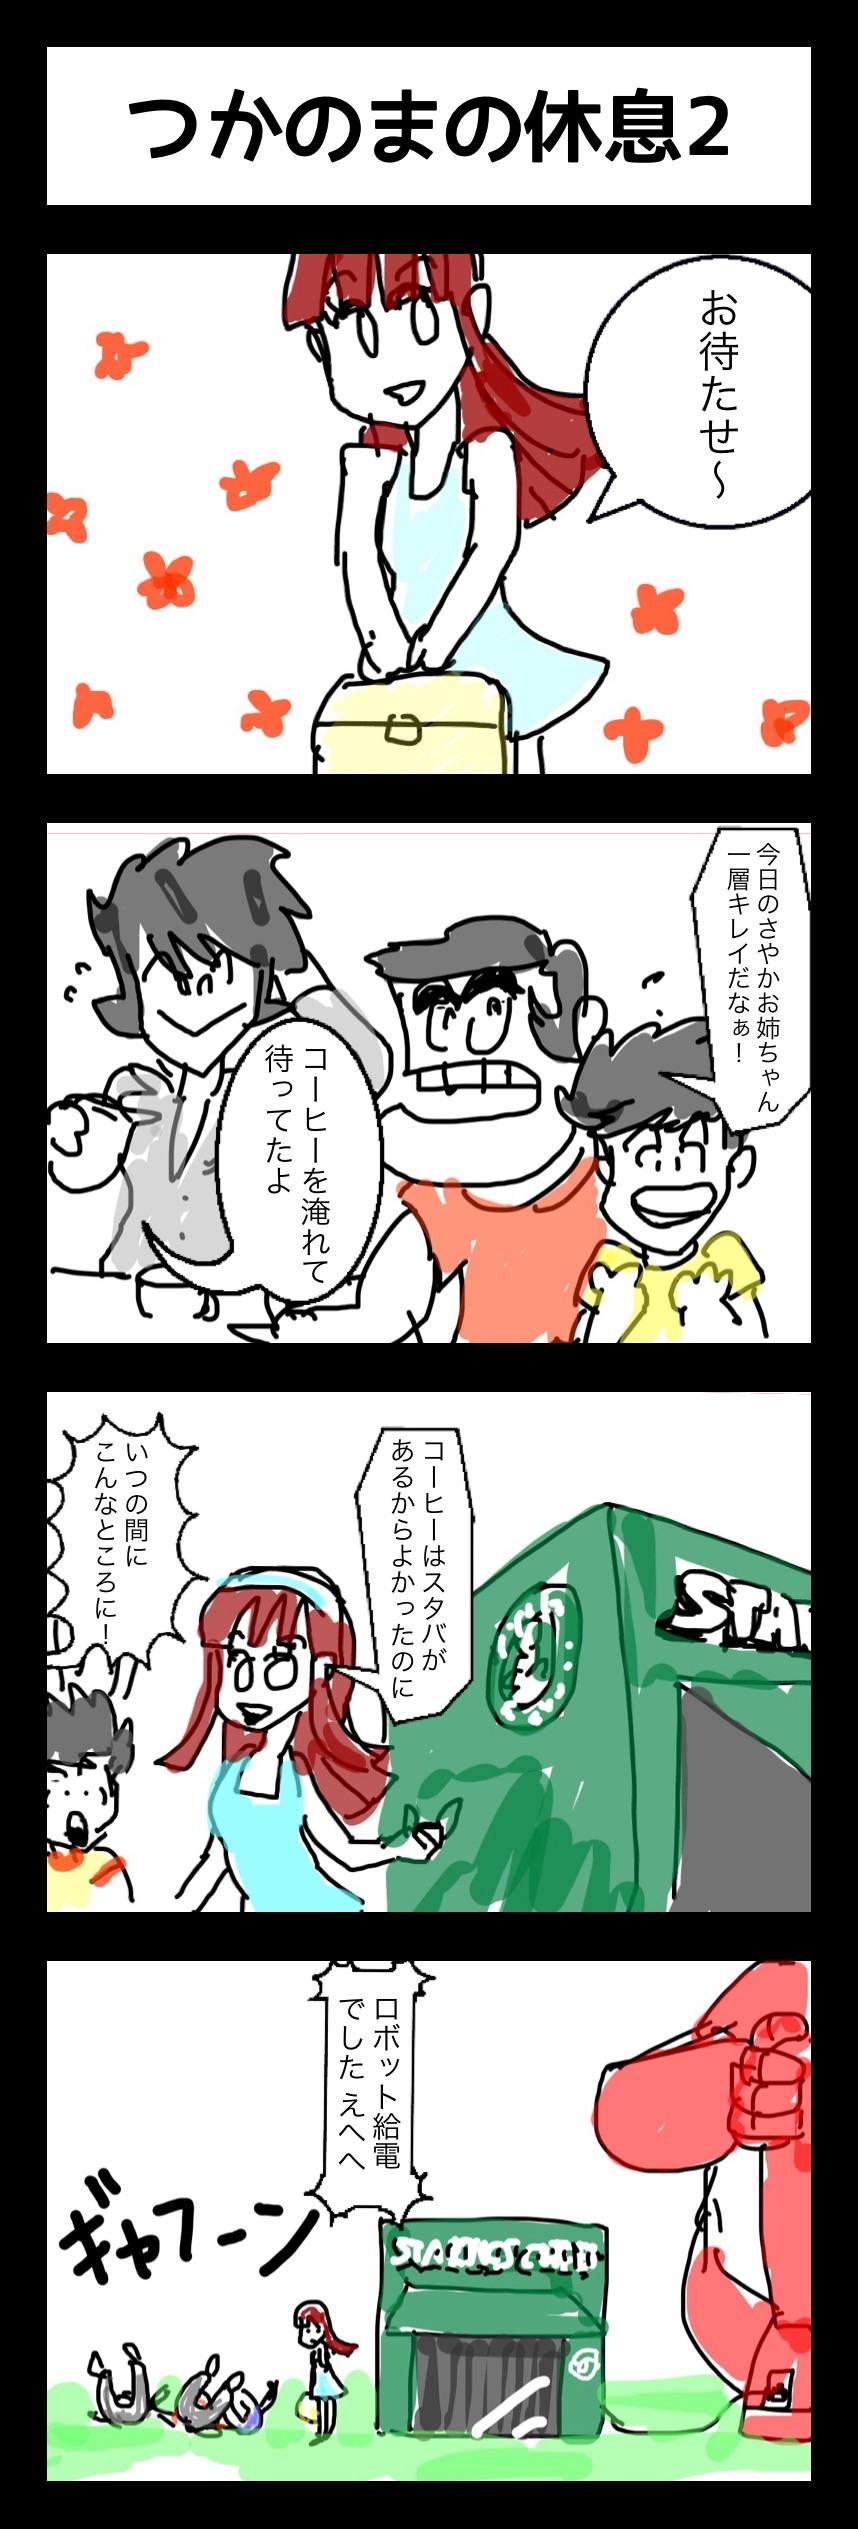 連載4コマ漫画 アトランダーV 30